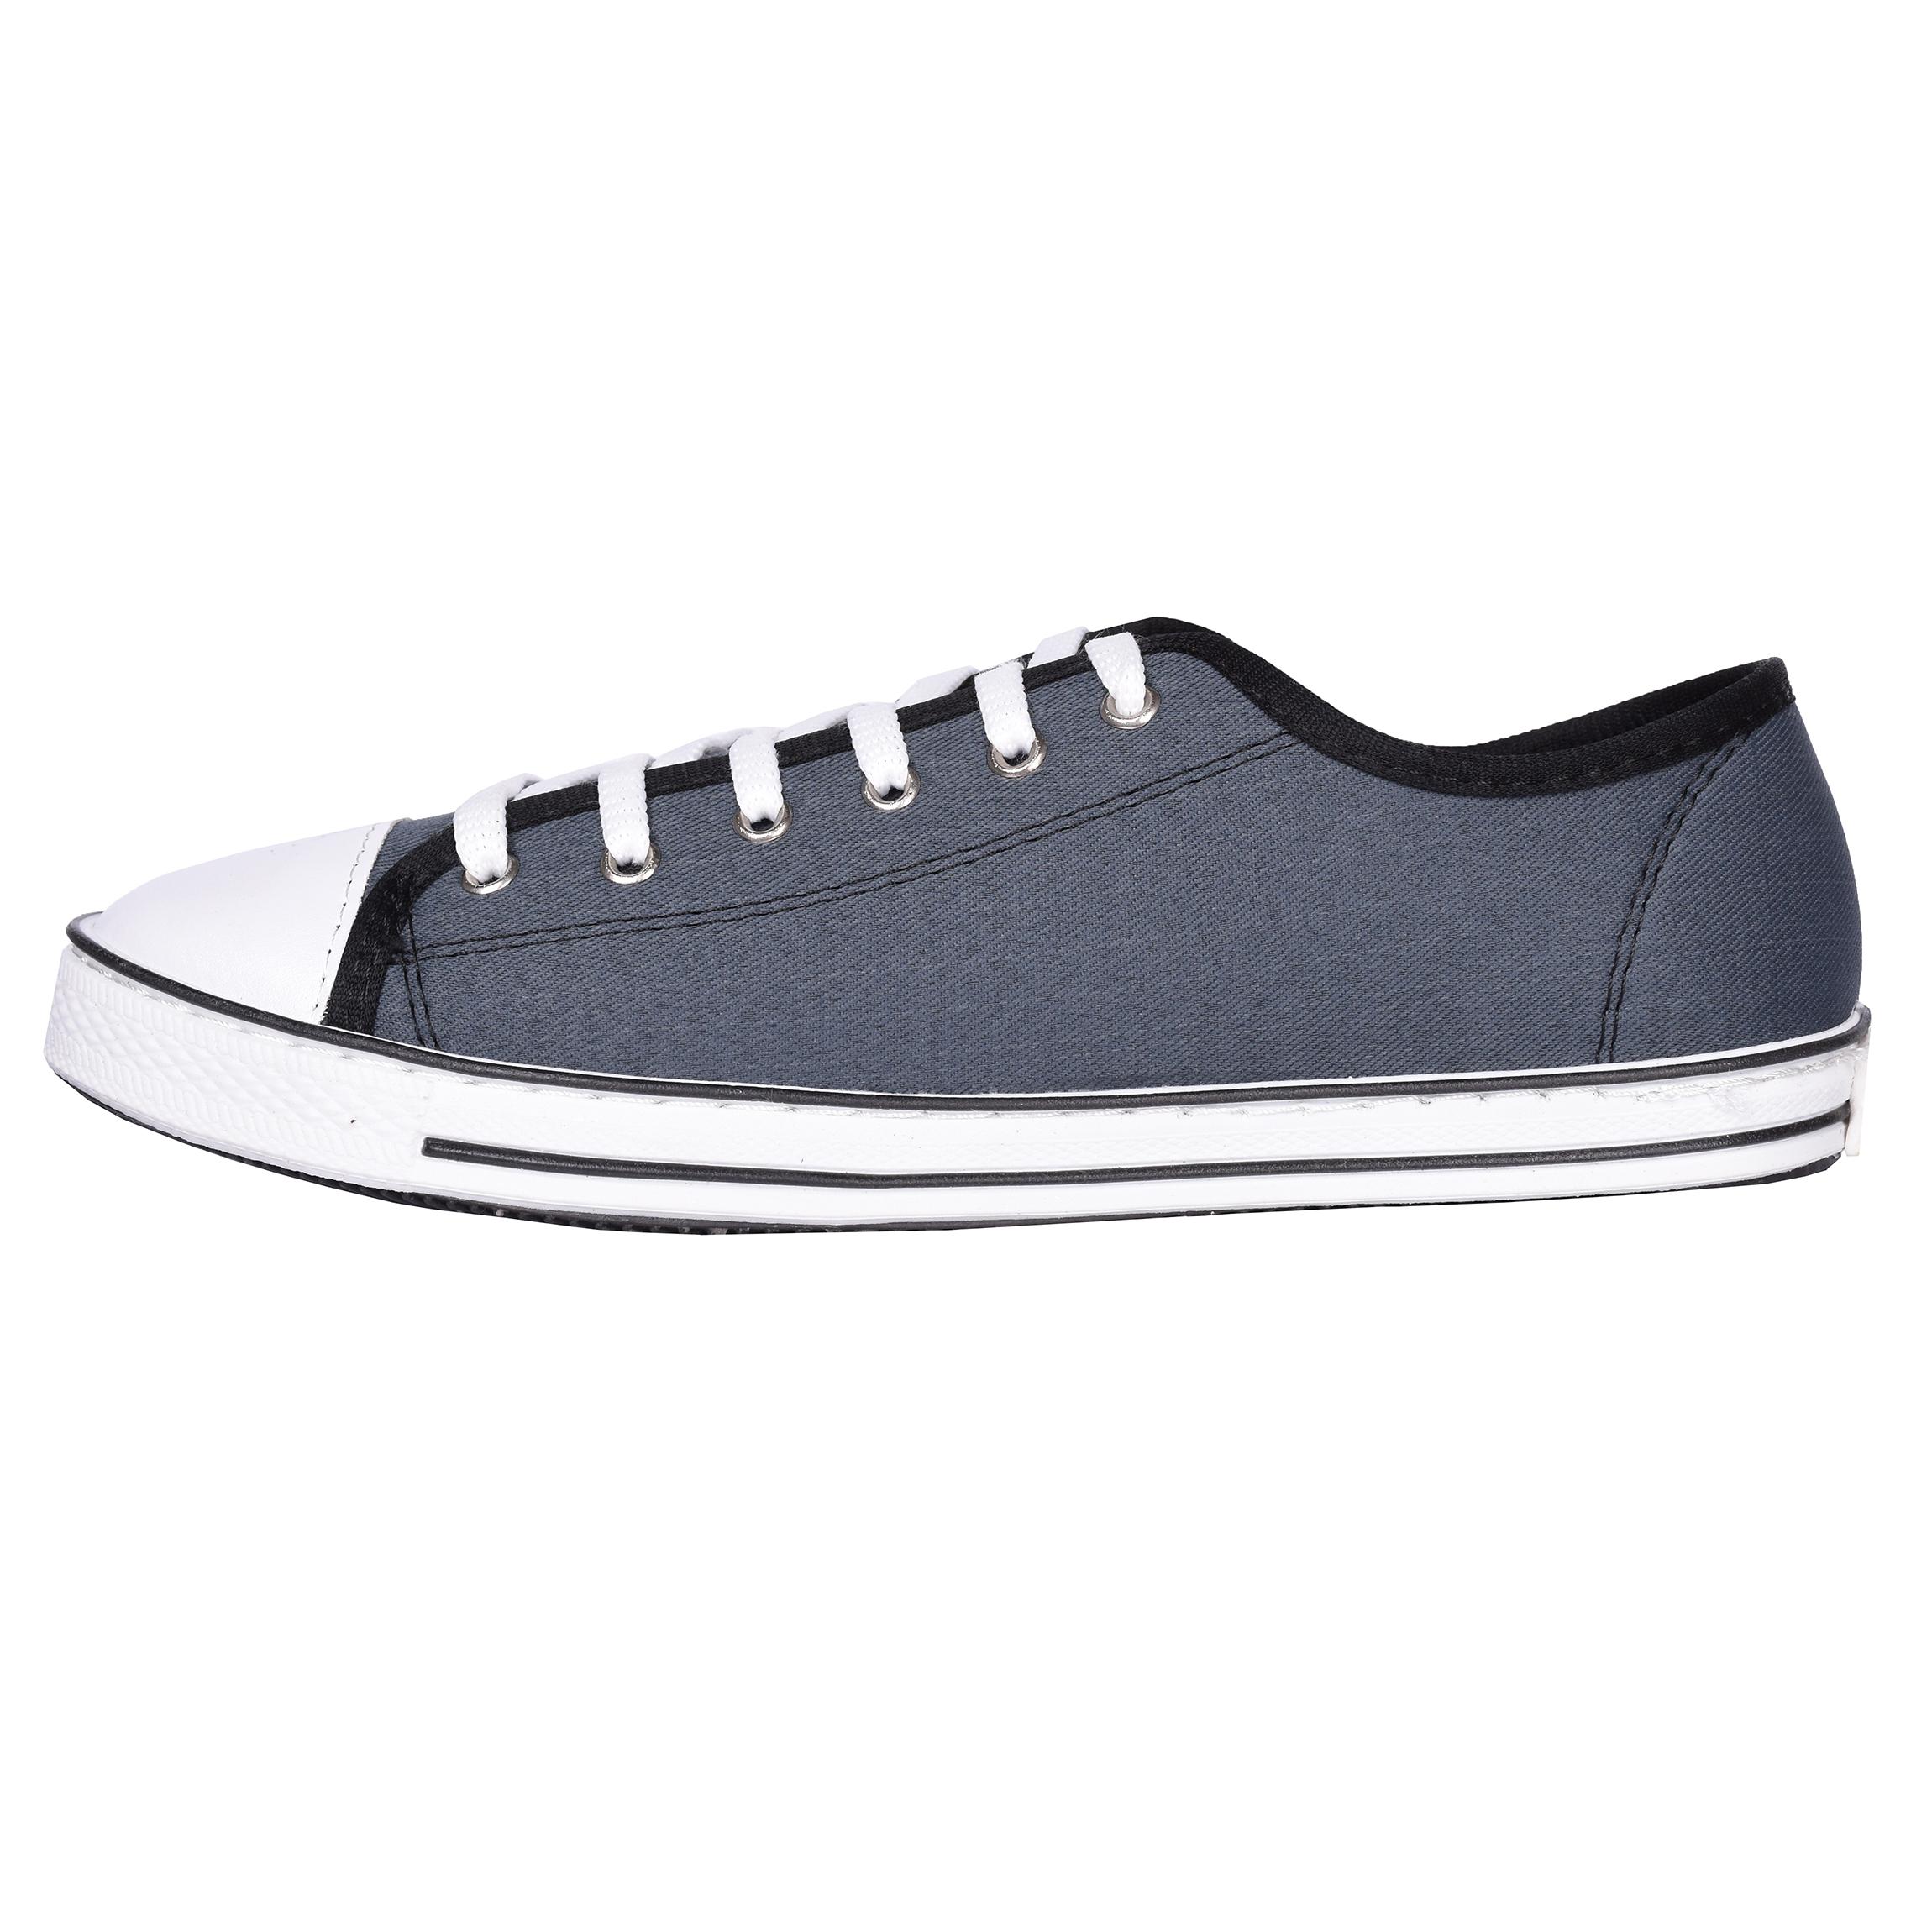 خرید                      کفش راحتی مردانه کد 232              👟